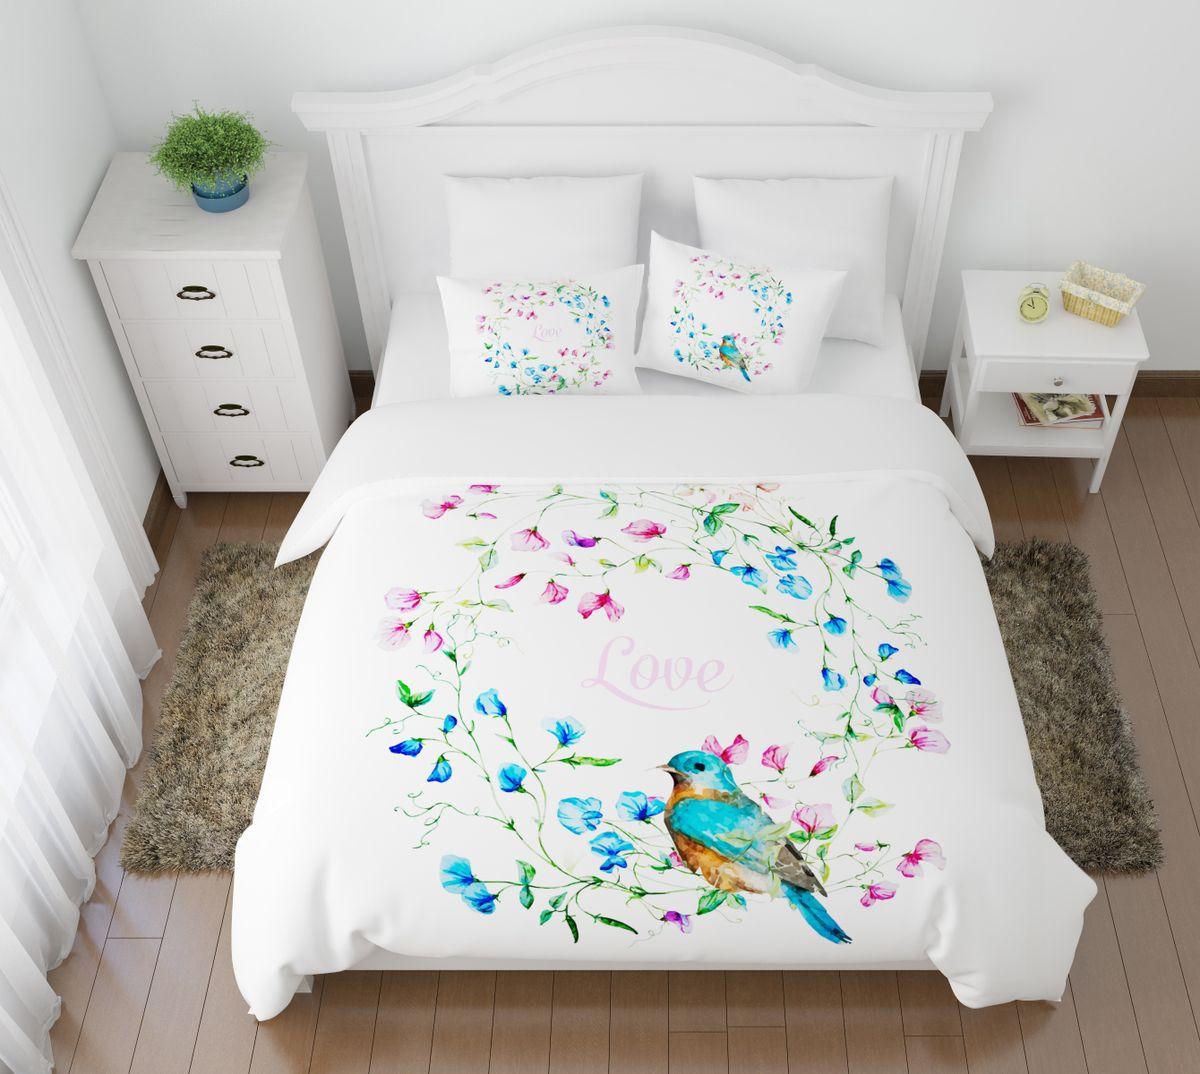 Комплект белья Сирень Аморе, 1,5-спальный, наволочки 50x7008209-КПБ-МКомплект постельного белья Сирень состоит из простыни, пододеяльника и 2 наволочек. Комплект выполнен из современных гипоаллергенных материалов. Приятный при прикосновении сатин - гарантия здорового, спокойного сна. Ткань хорошо впитывает влагу, надолго сохраняет яркость красок. Четкий, изящный рисунок в сочетании с насыщенными красками делает комплект постельного белья неповторимой изюминкой любого интерьера. Постельное белье идеально подойдет для подарка.